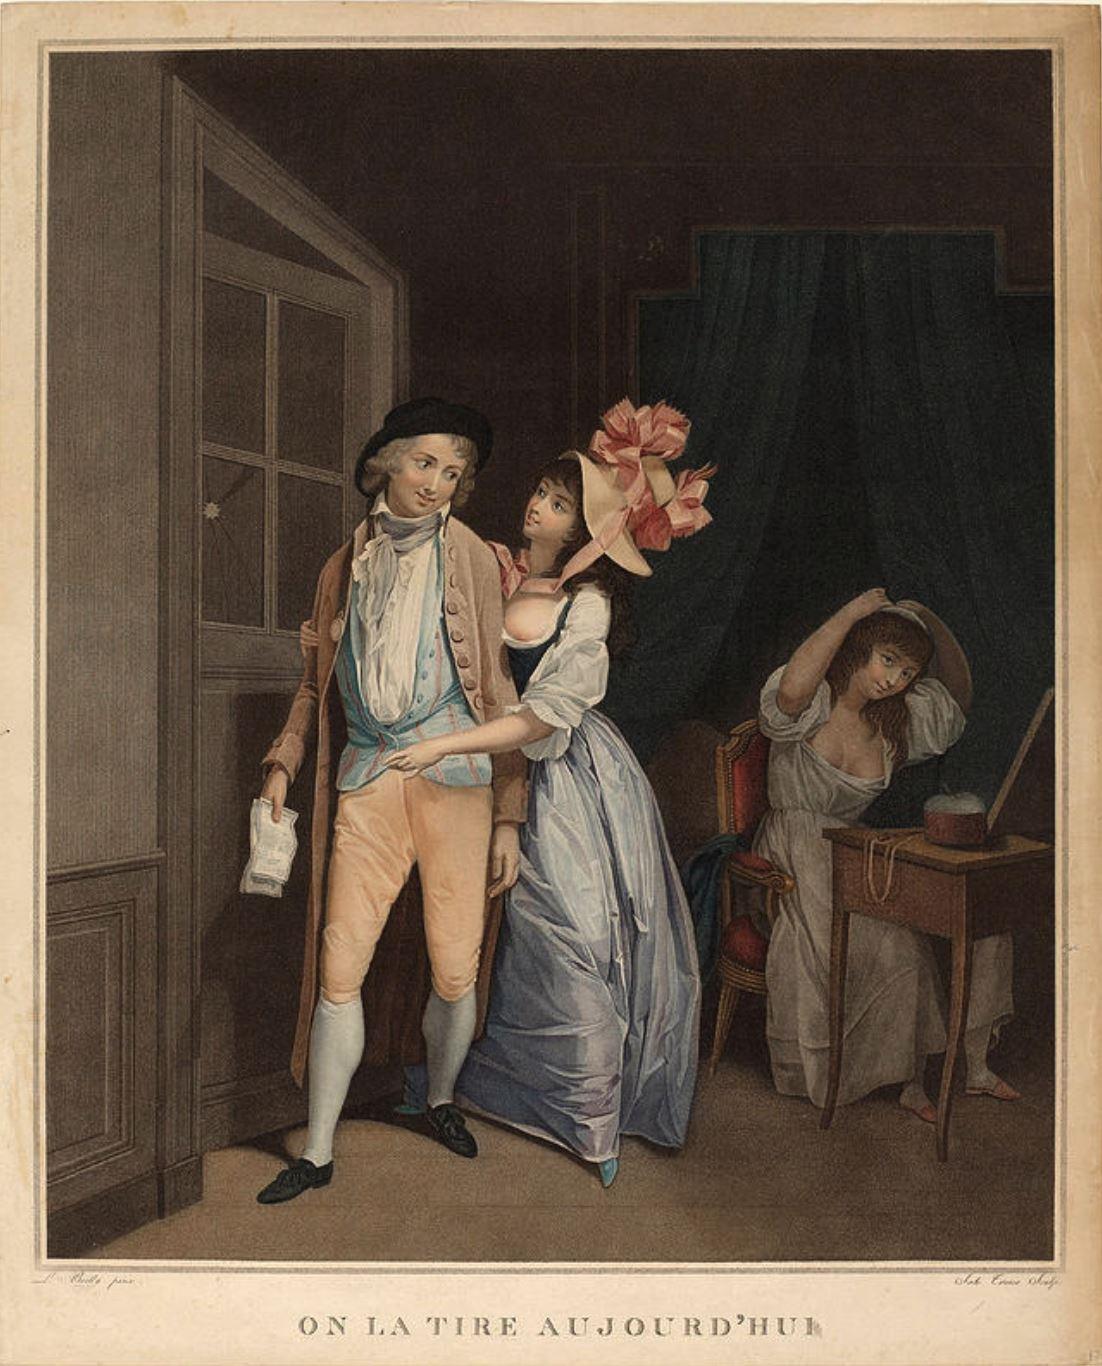 Boilly 1794, On la tire aujourd'hui gravure de Tresca